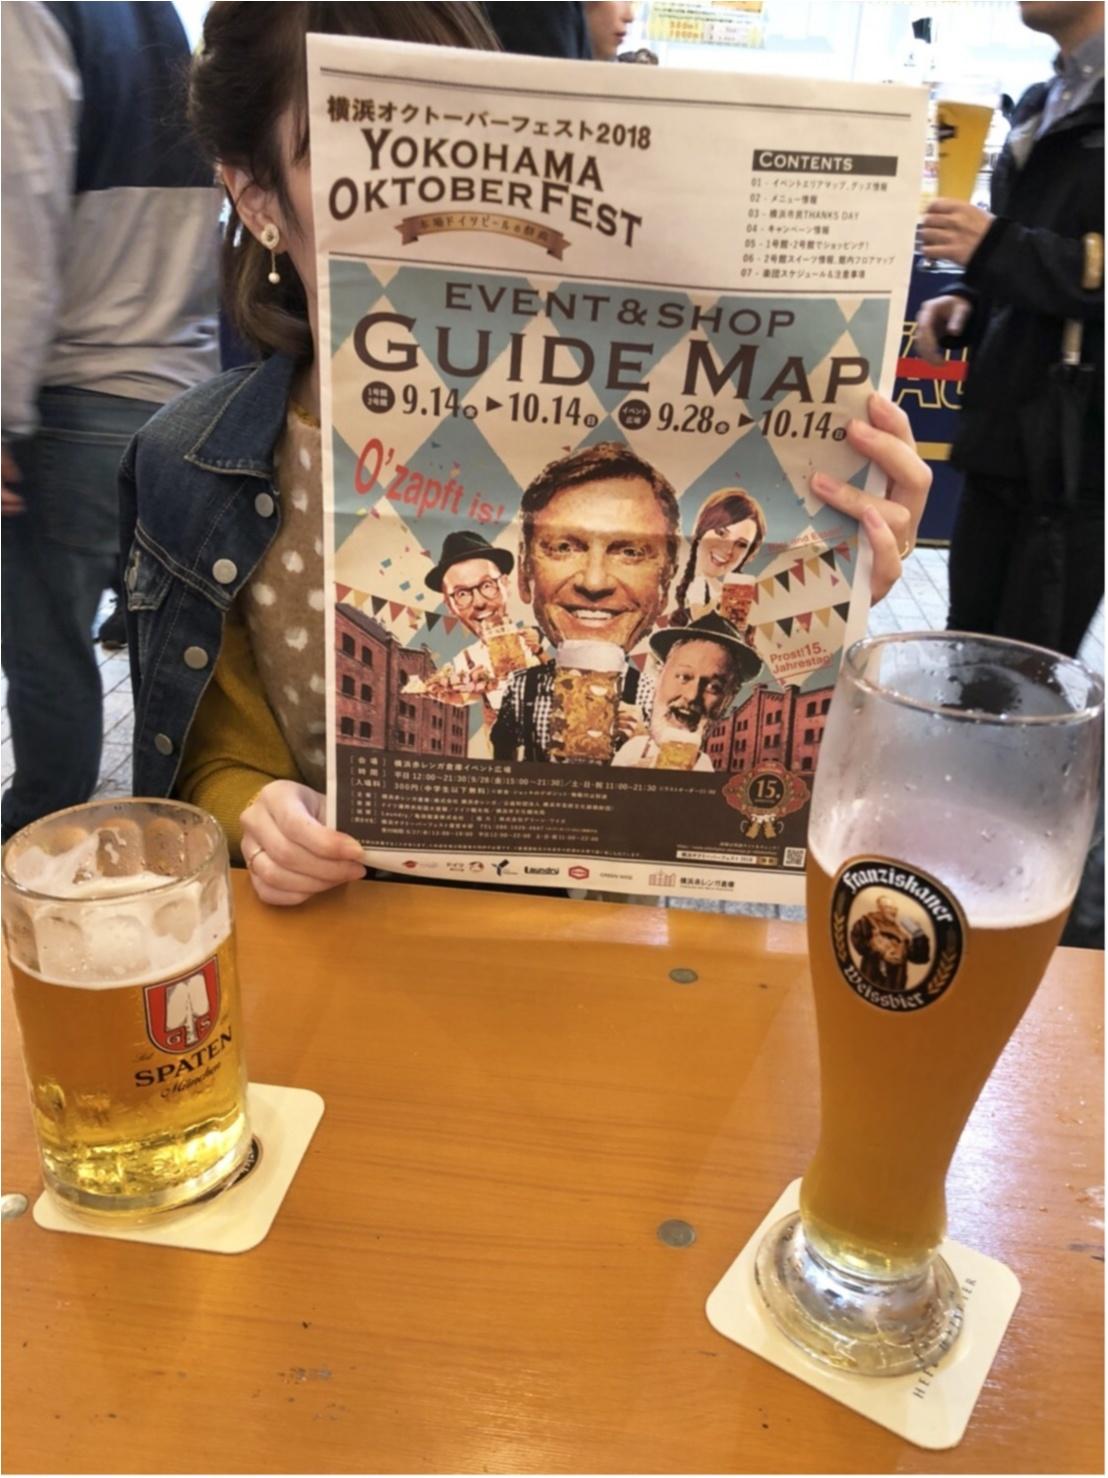 広島と沖縄でしか飲めない「ゴールデンタピオカ」ドリンクって?  今週の「ご当地モア」人気記事ランキングトップ5!_3